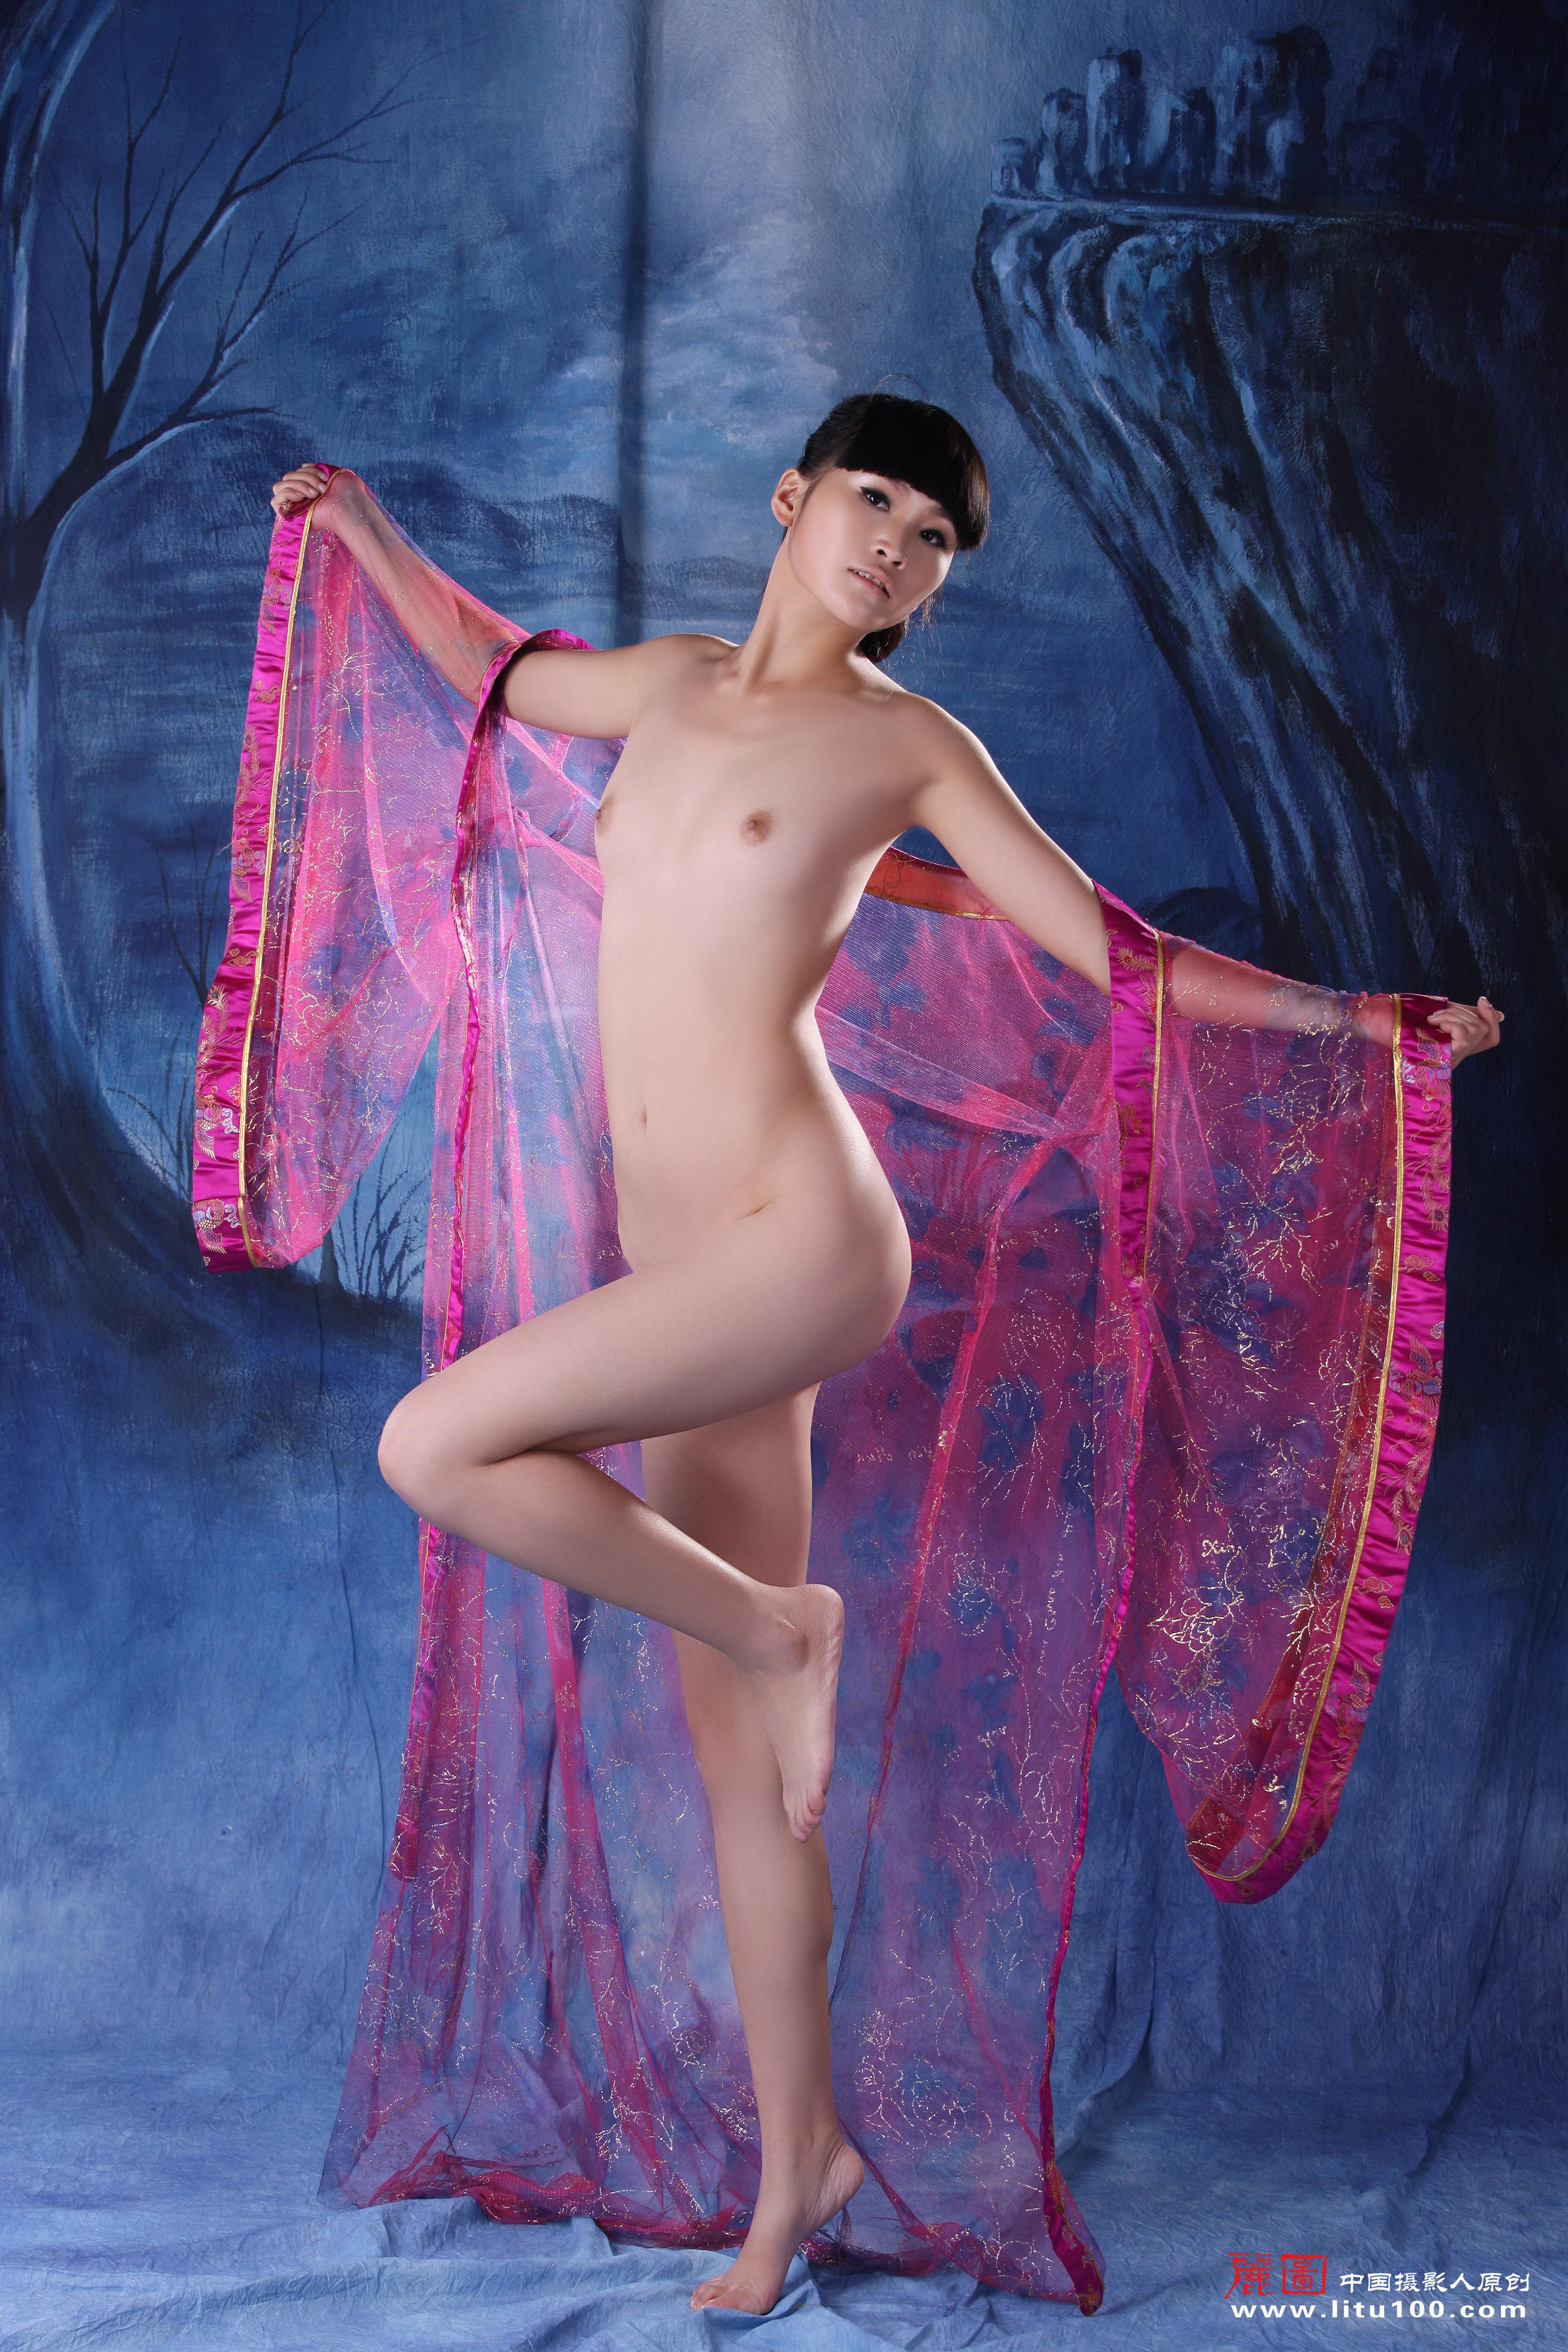 Goddess Asian 77